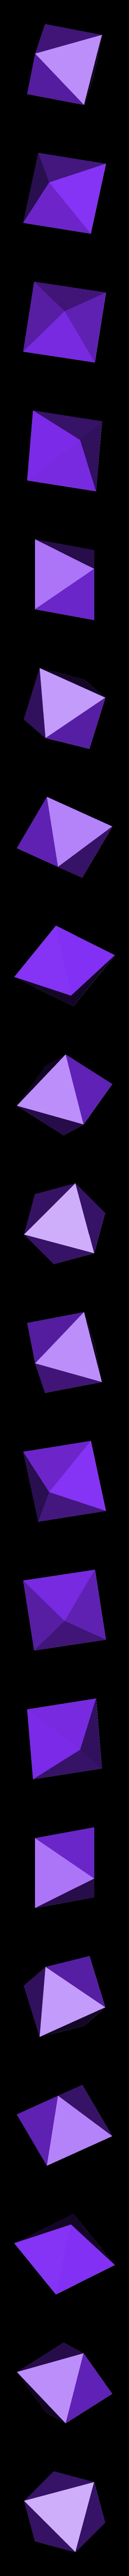 Octahedron_edge_42.stl Télécharger fichier STL gratuit Octaèdre en cube / Hexaèdre • Plan imprimable en 3D, LGBU